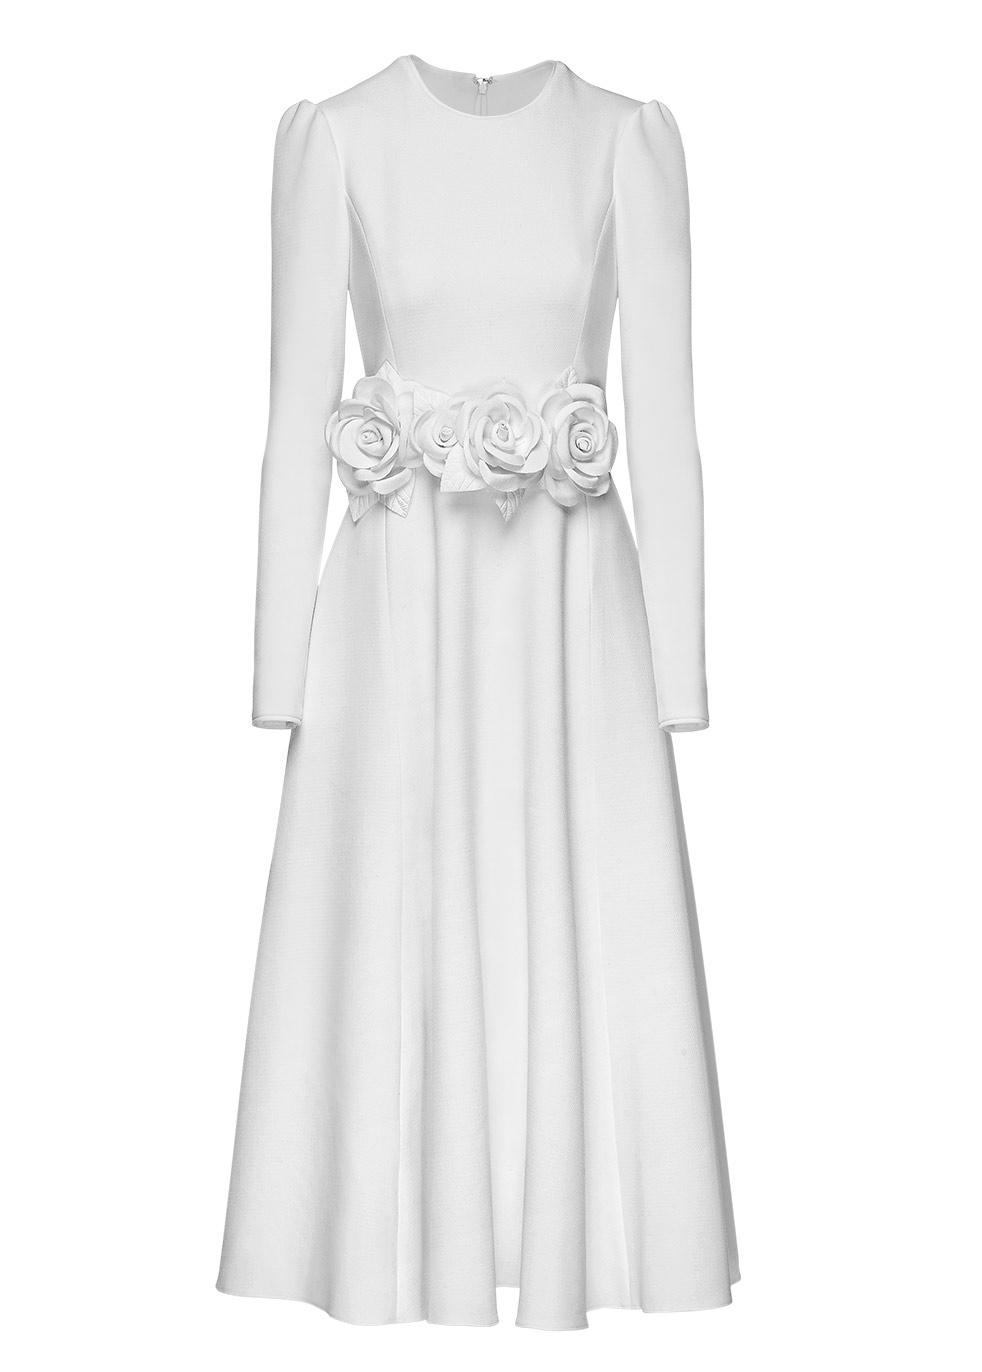 MIHANO MOMOSA Ivory Embellished Knee Length Dress